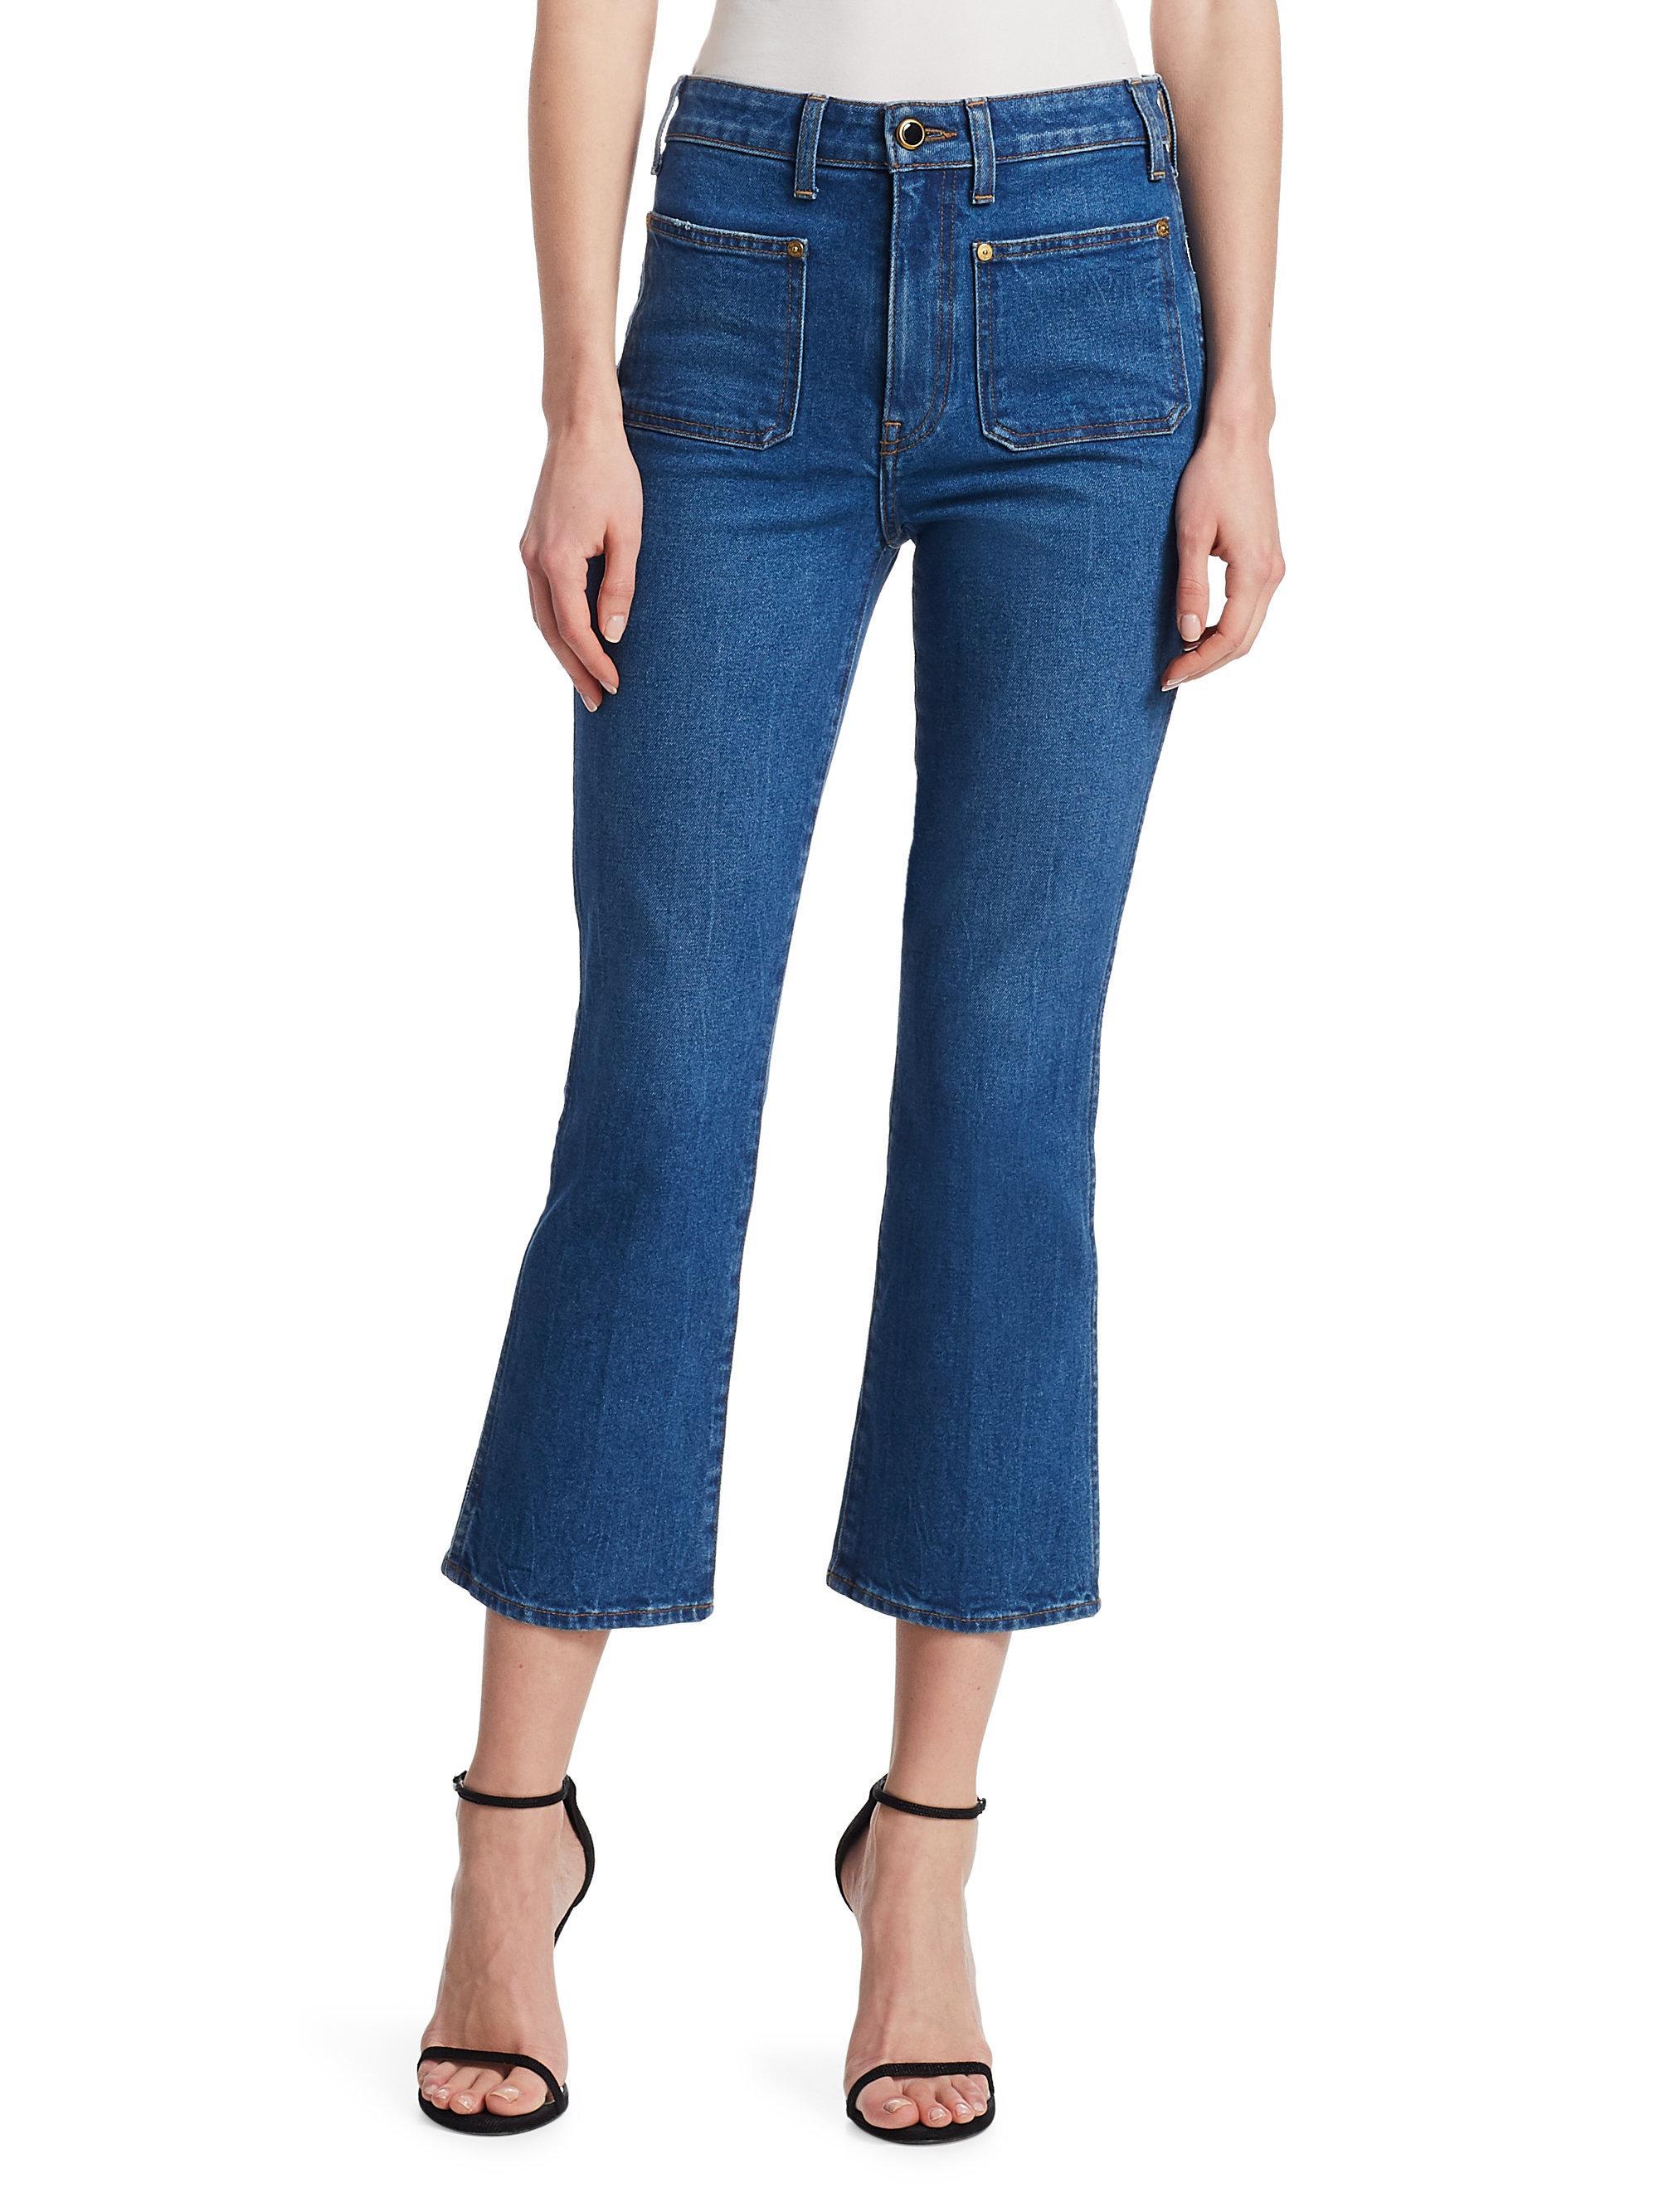 Khaite. Women's Blue Rachel Patch Pocket Jeans